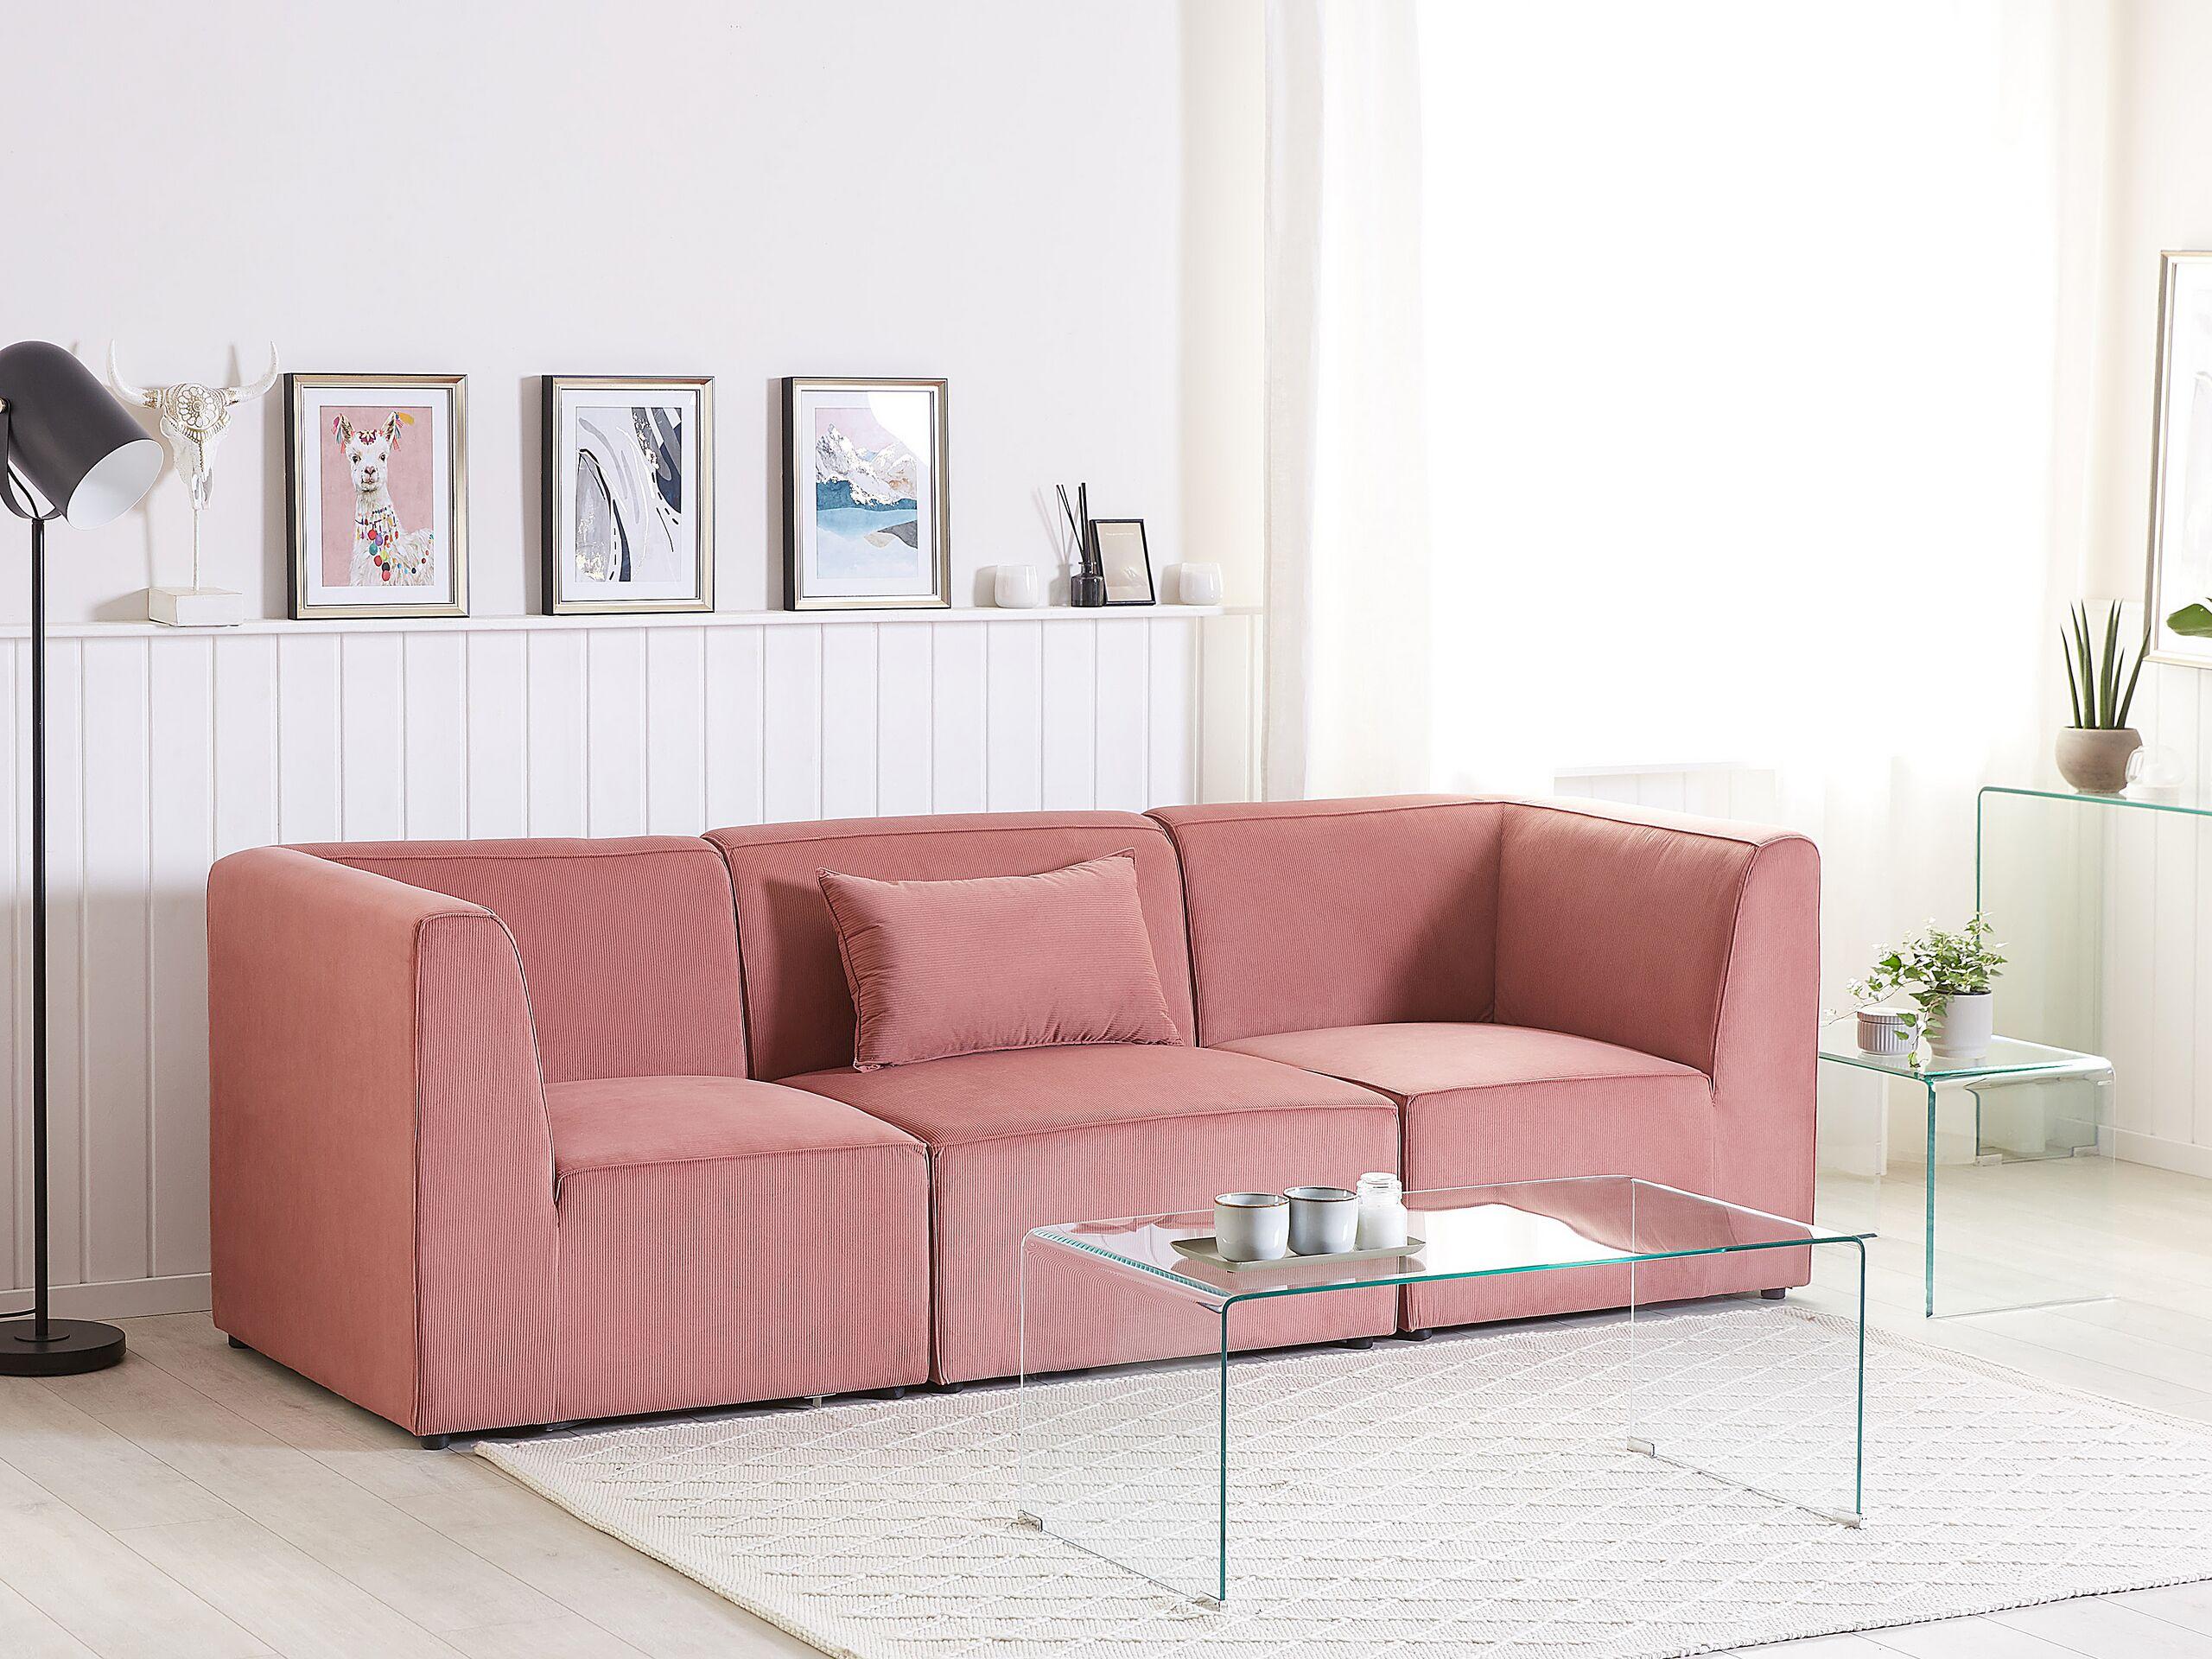 Canapé modulable 3 places en velours côtelé rose